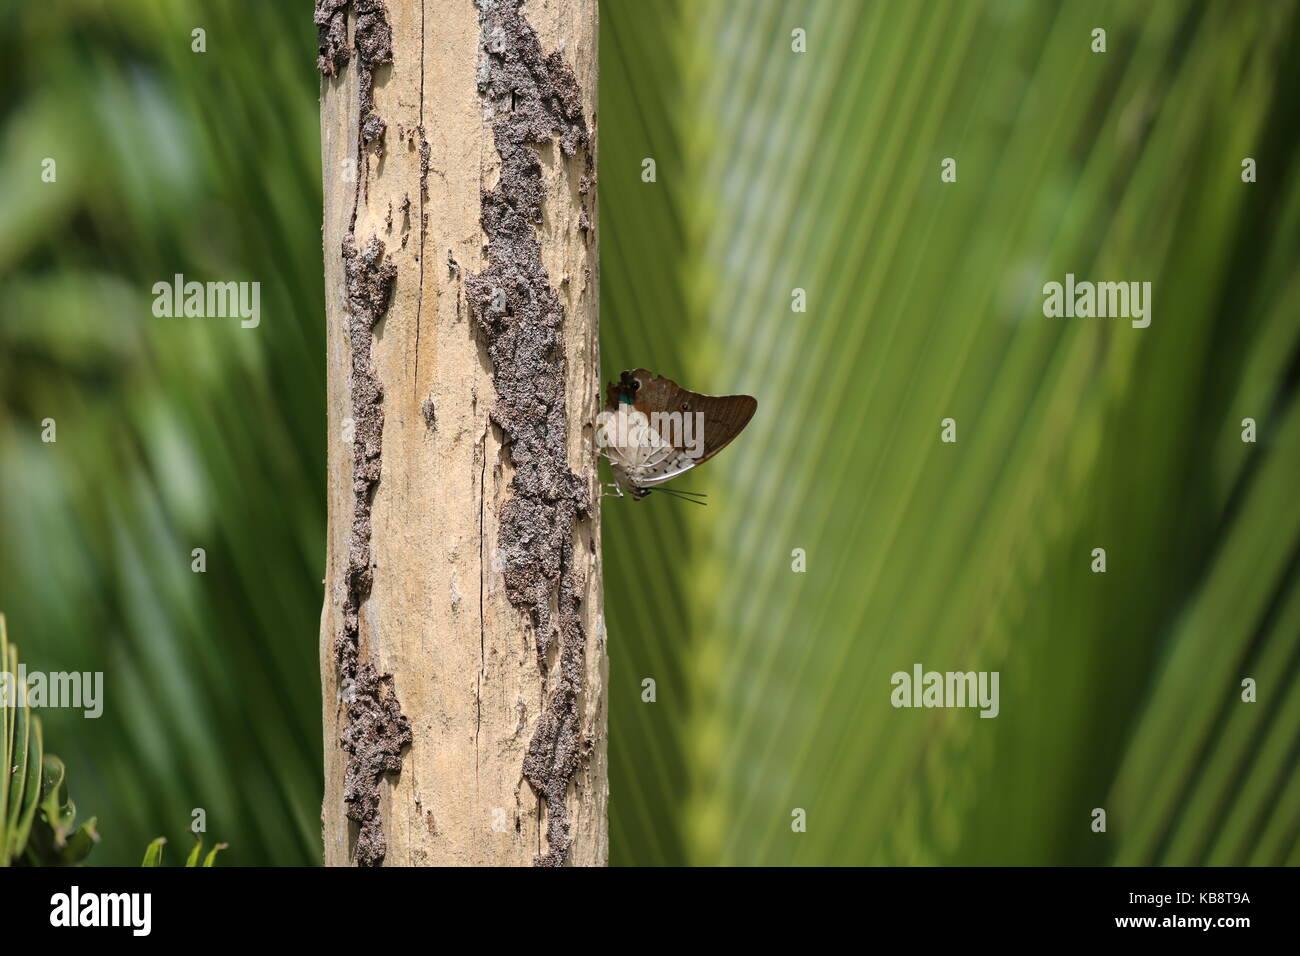 Schmetterling auf Baumstamm mit grünem Hintergrund - Schmetterling auf Baumstamm mit grünem Hintergrund Stockbild